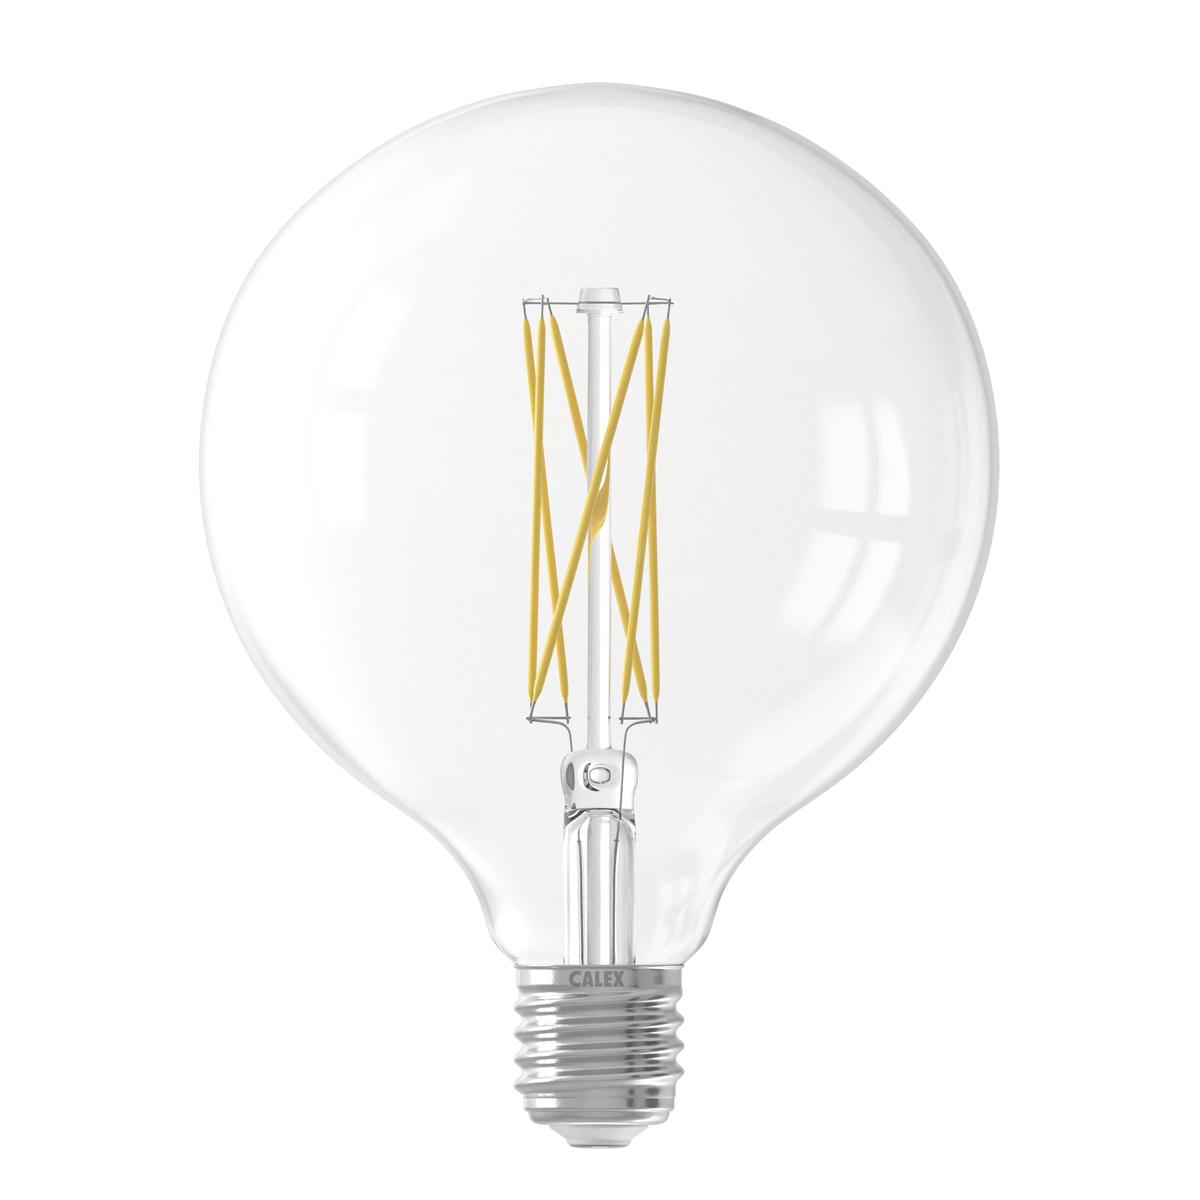 Ampoule en verre transparent